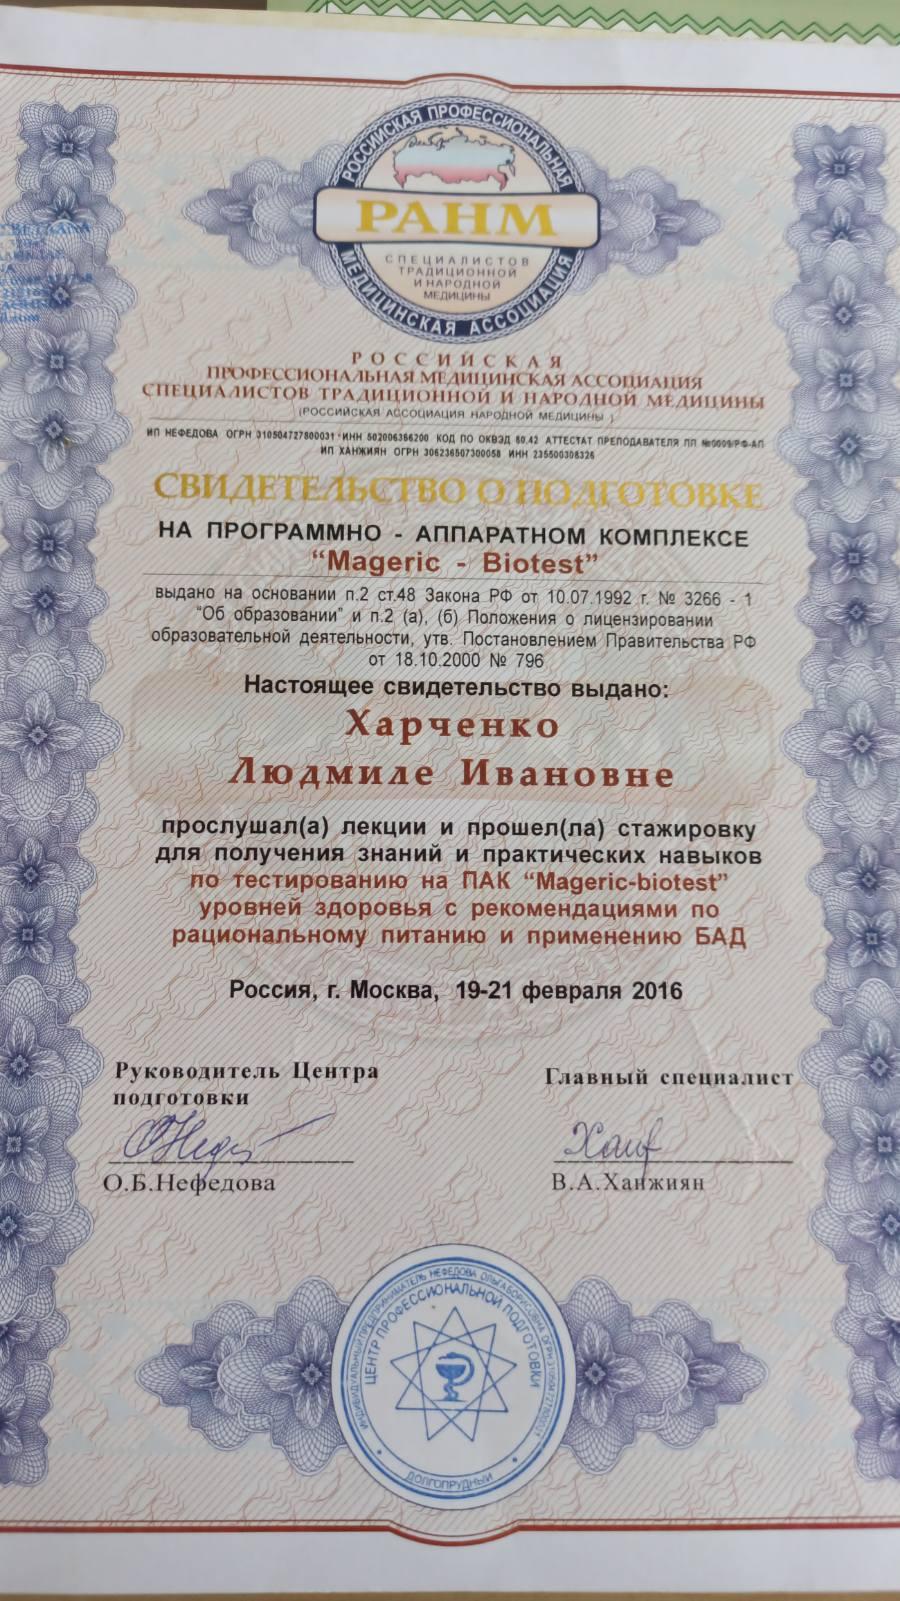 Πιστοποιητικό Mageric-Biotest- Ludmila Harcenko